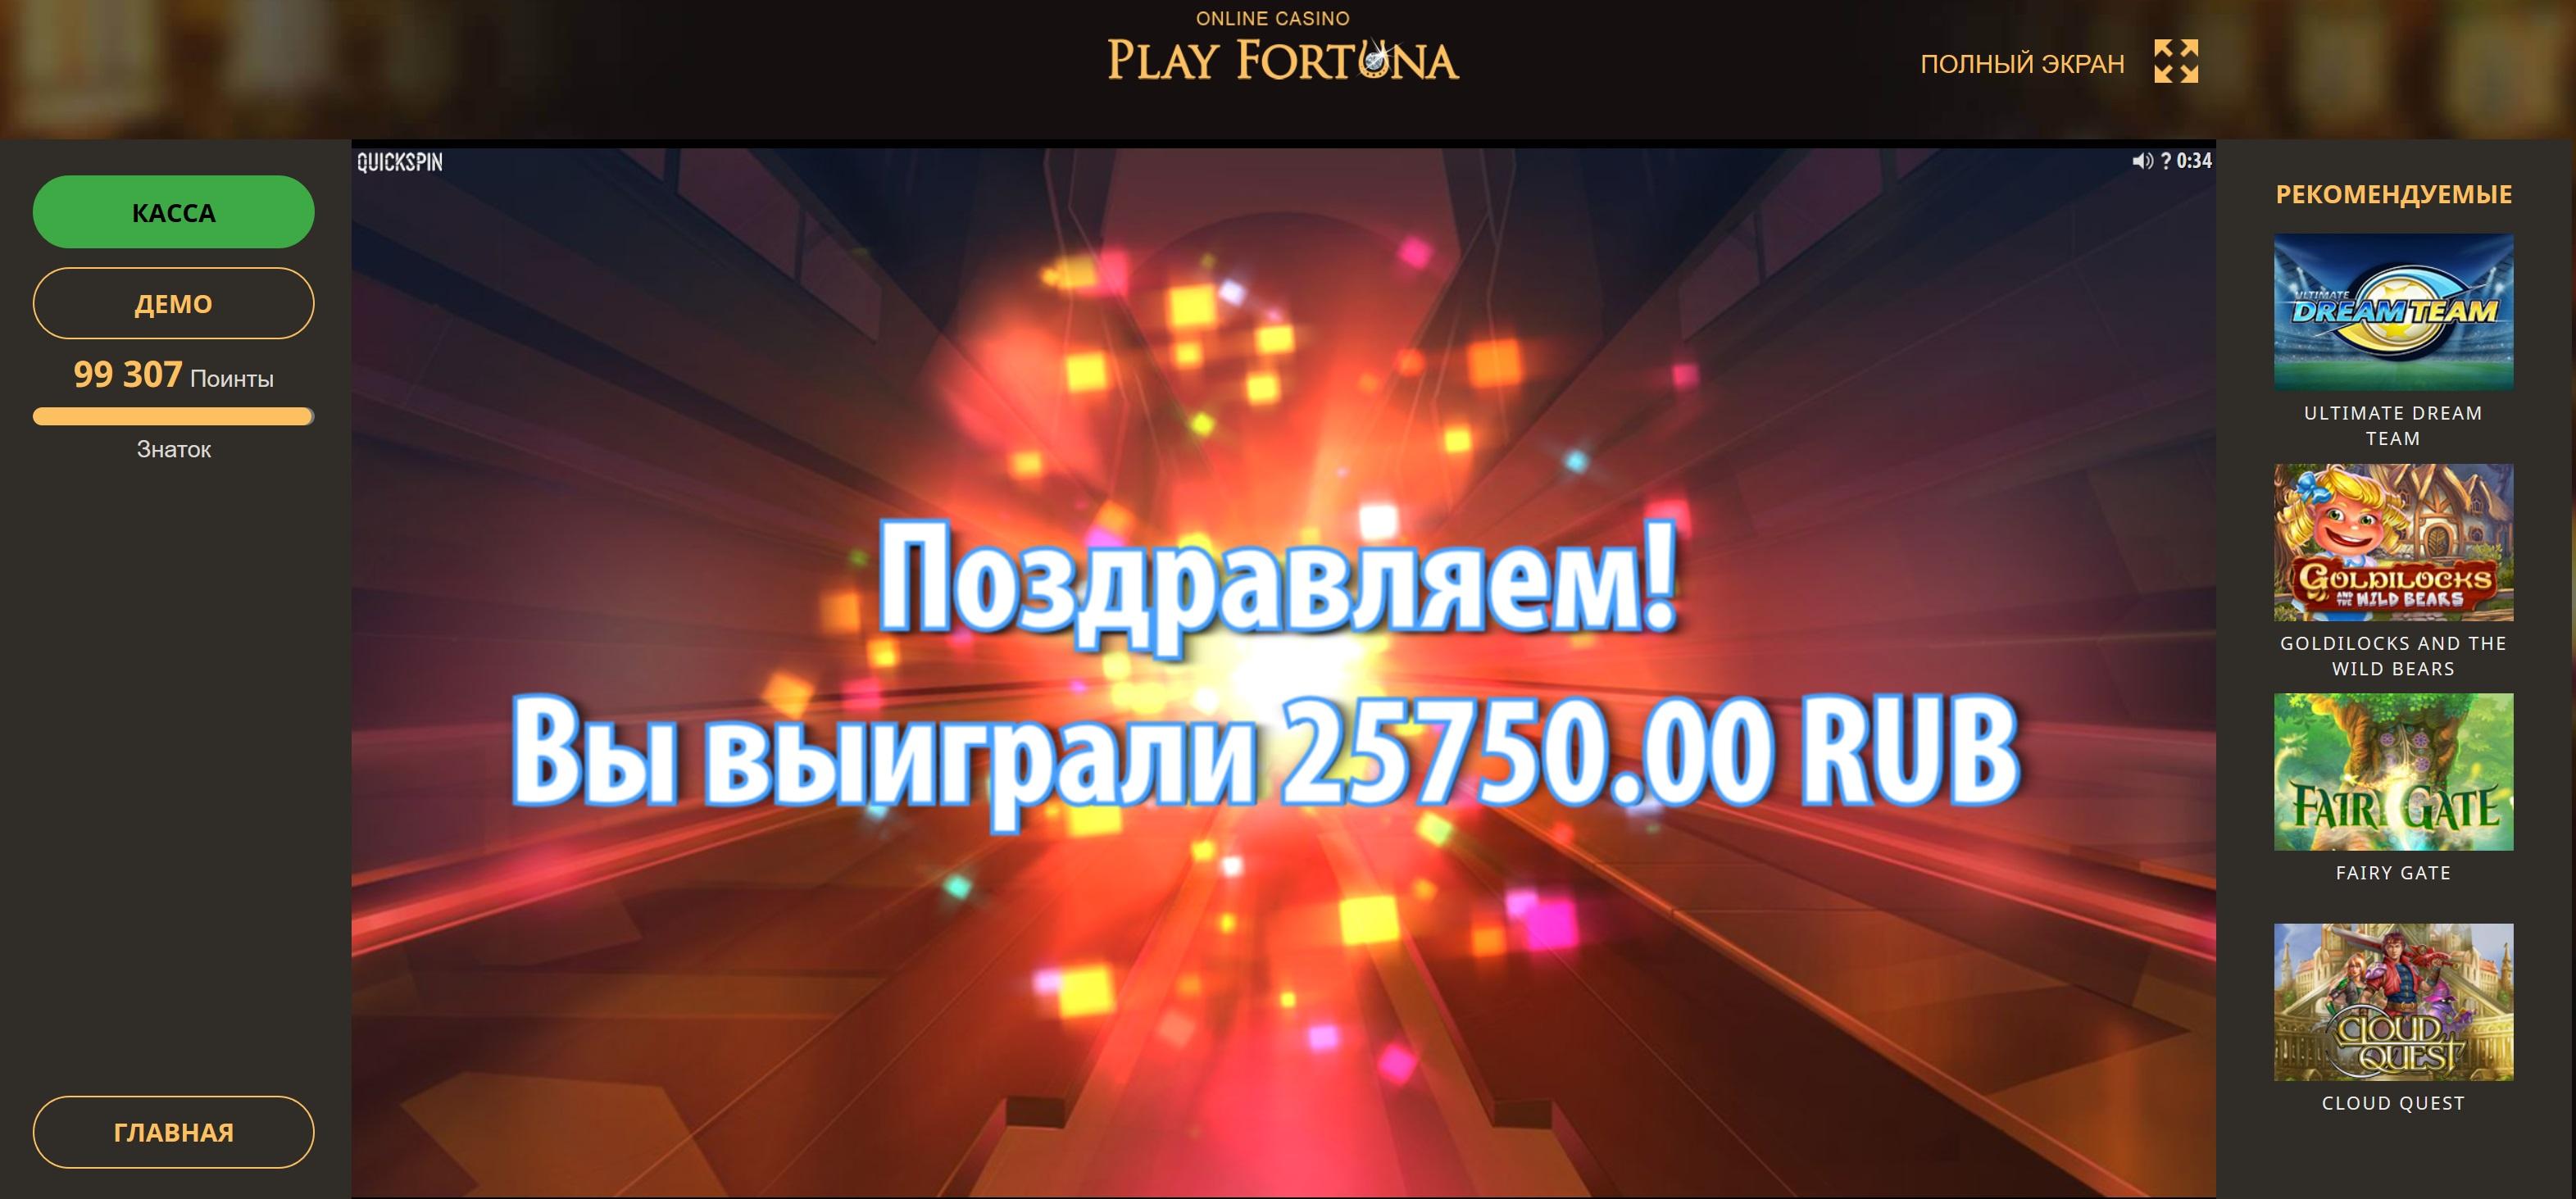 vavada казино скачать